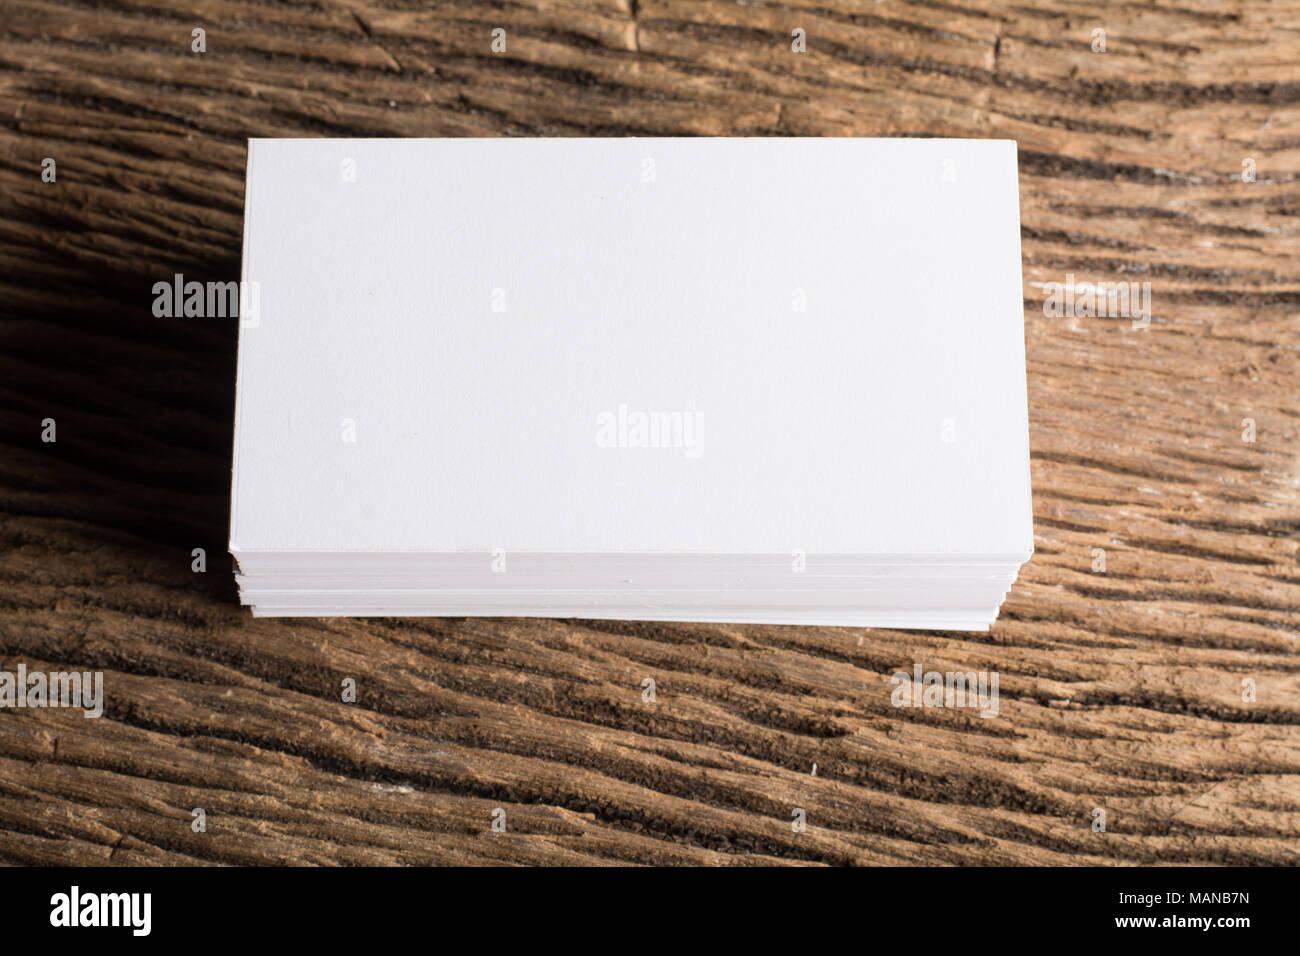 Leere Weiße Visitenkarte Präsentation Der Corporate Identity